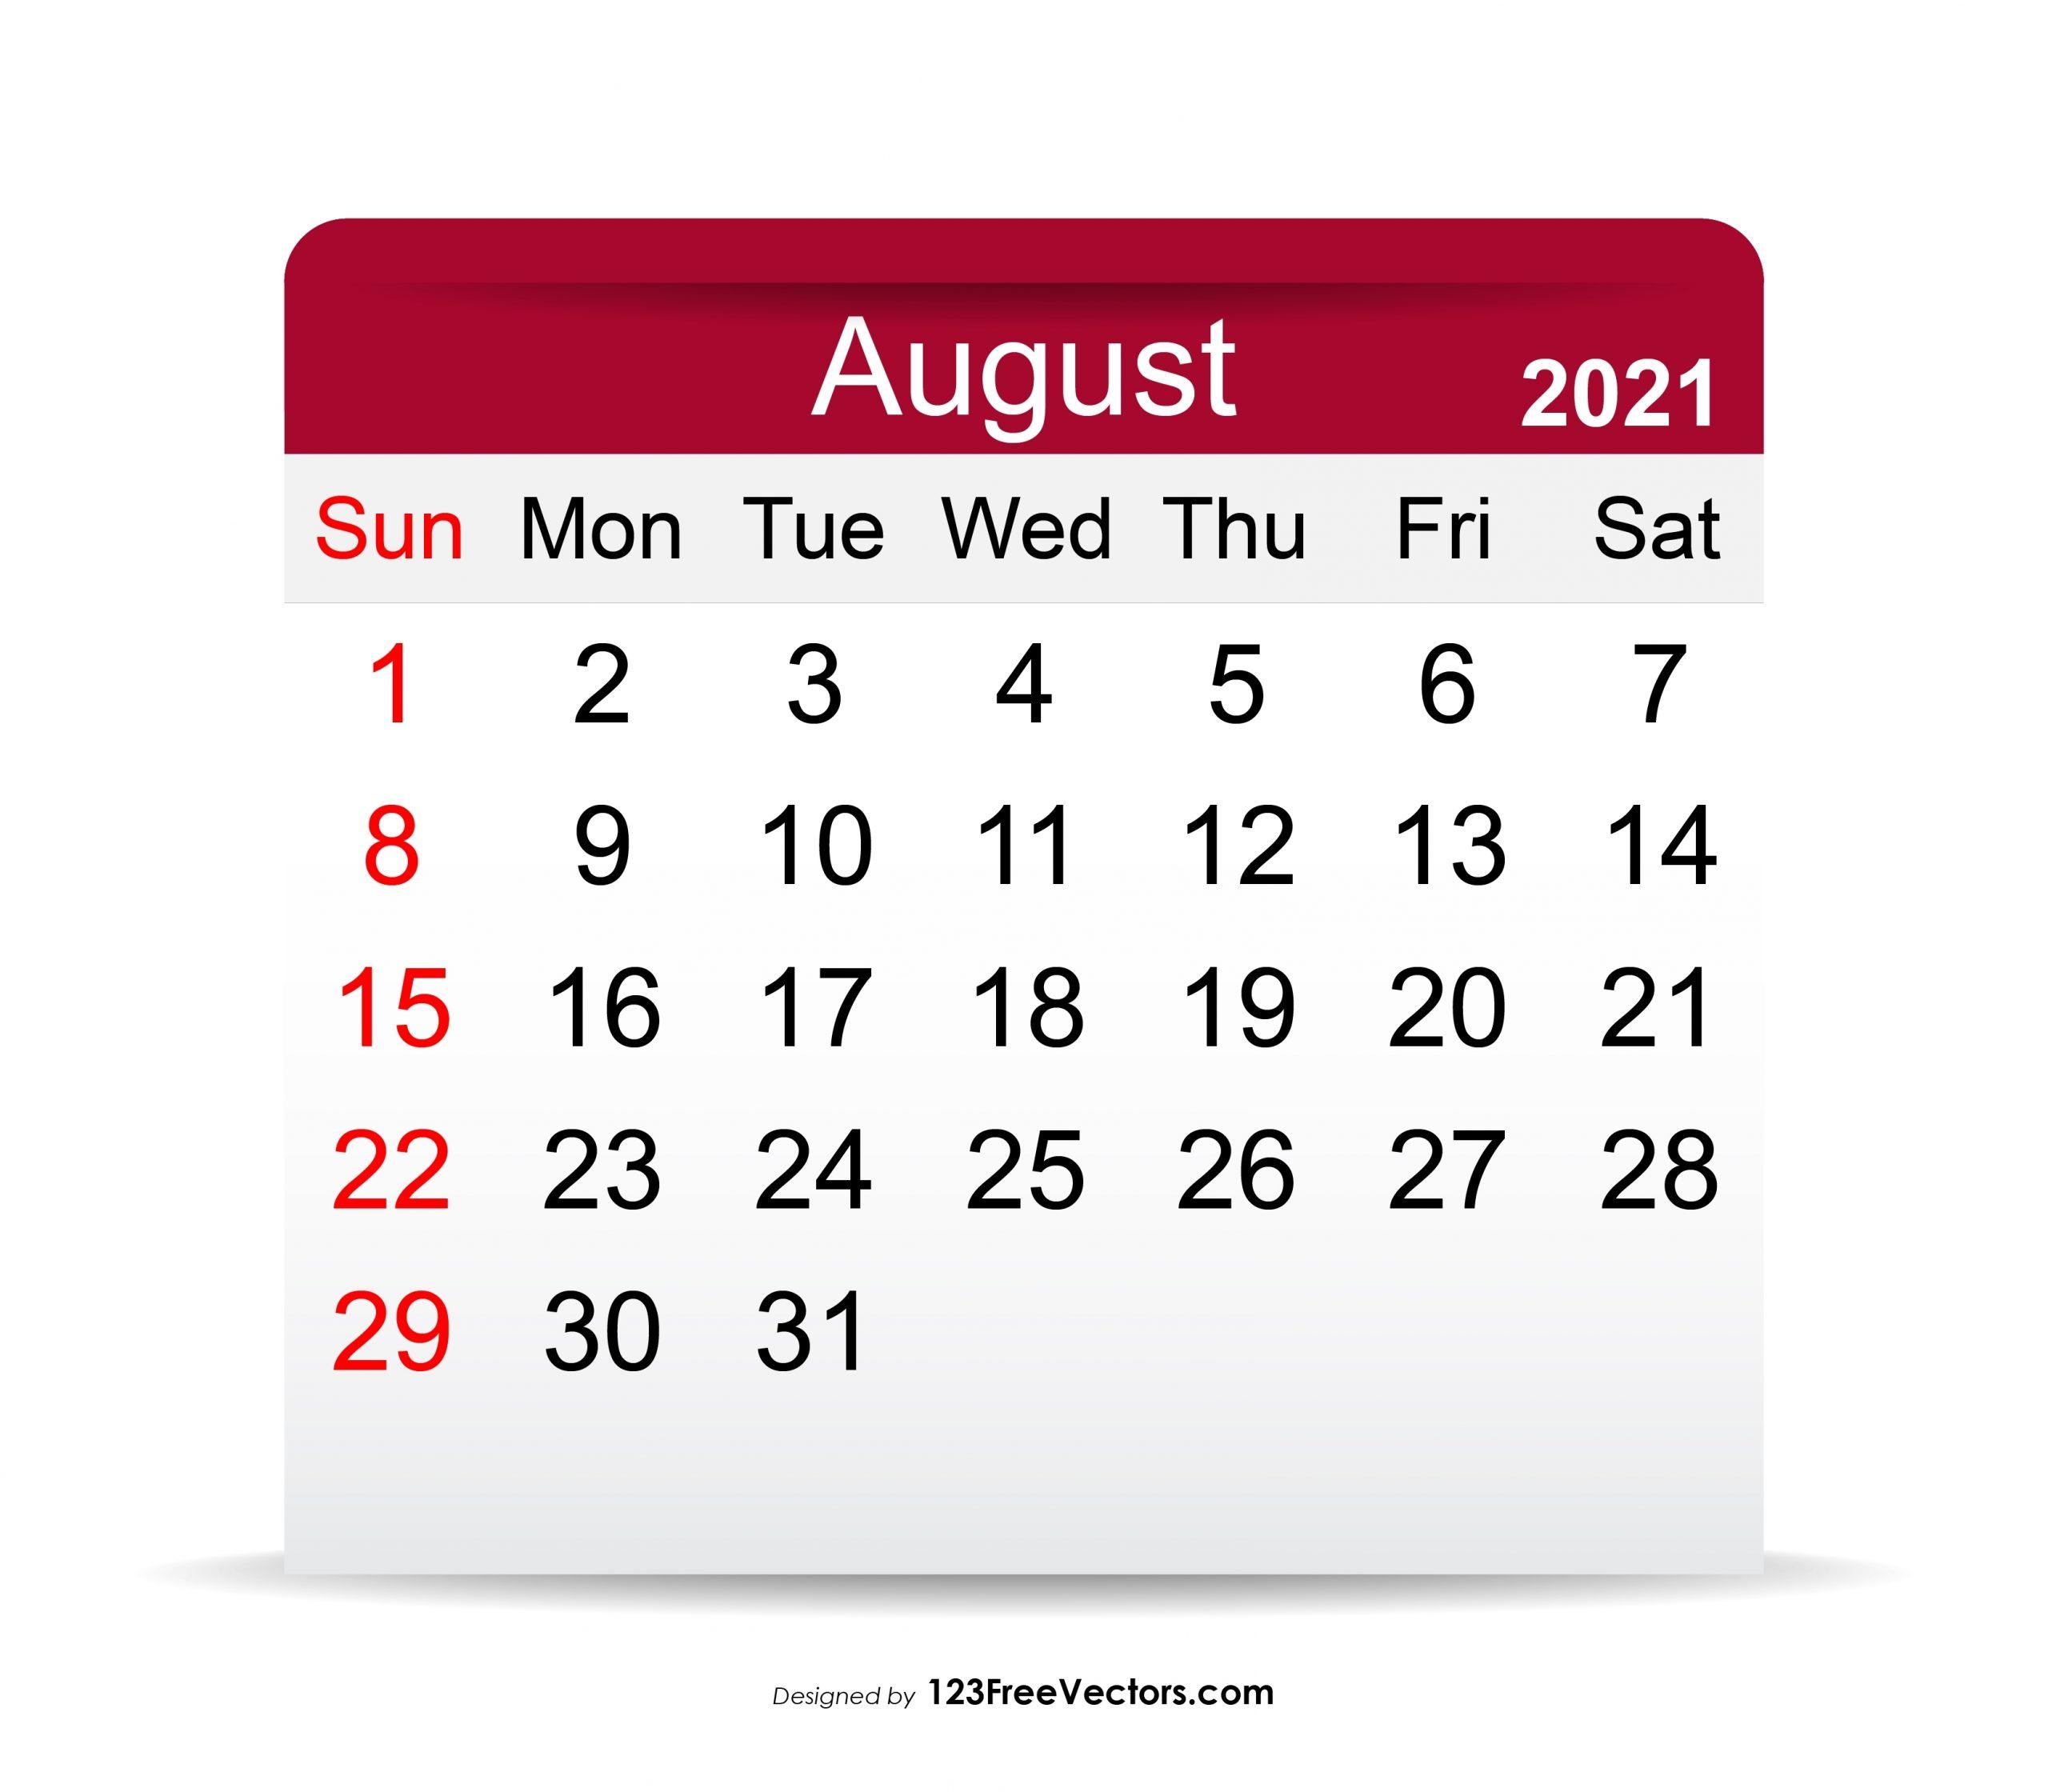 Collect Aug 2021 Calendar Festival